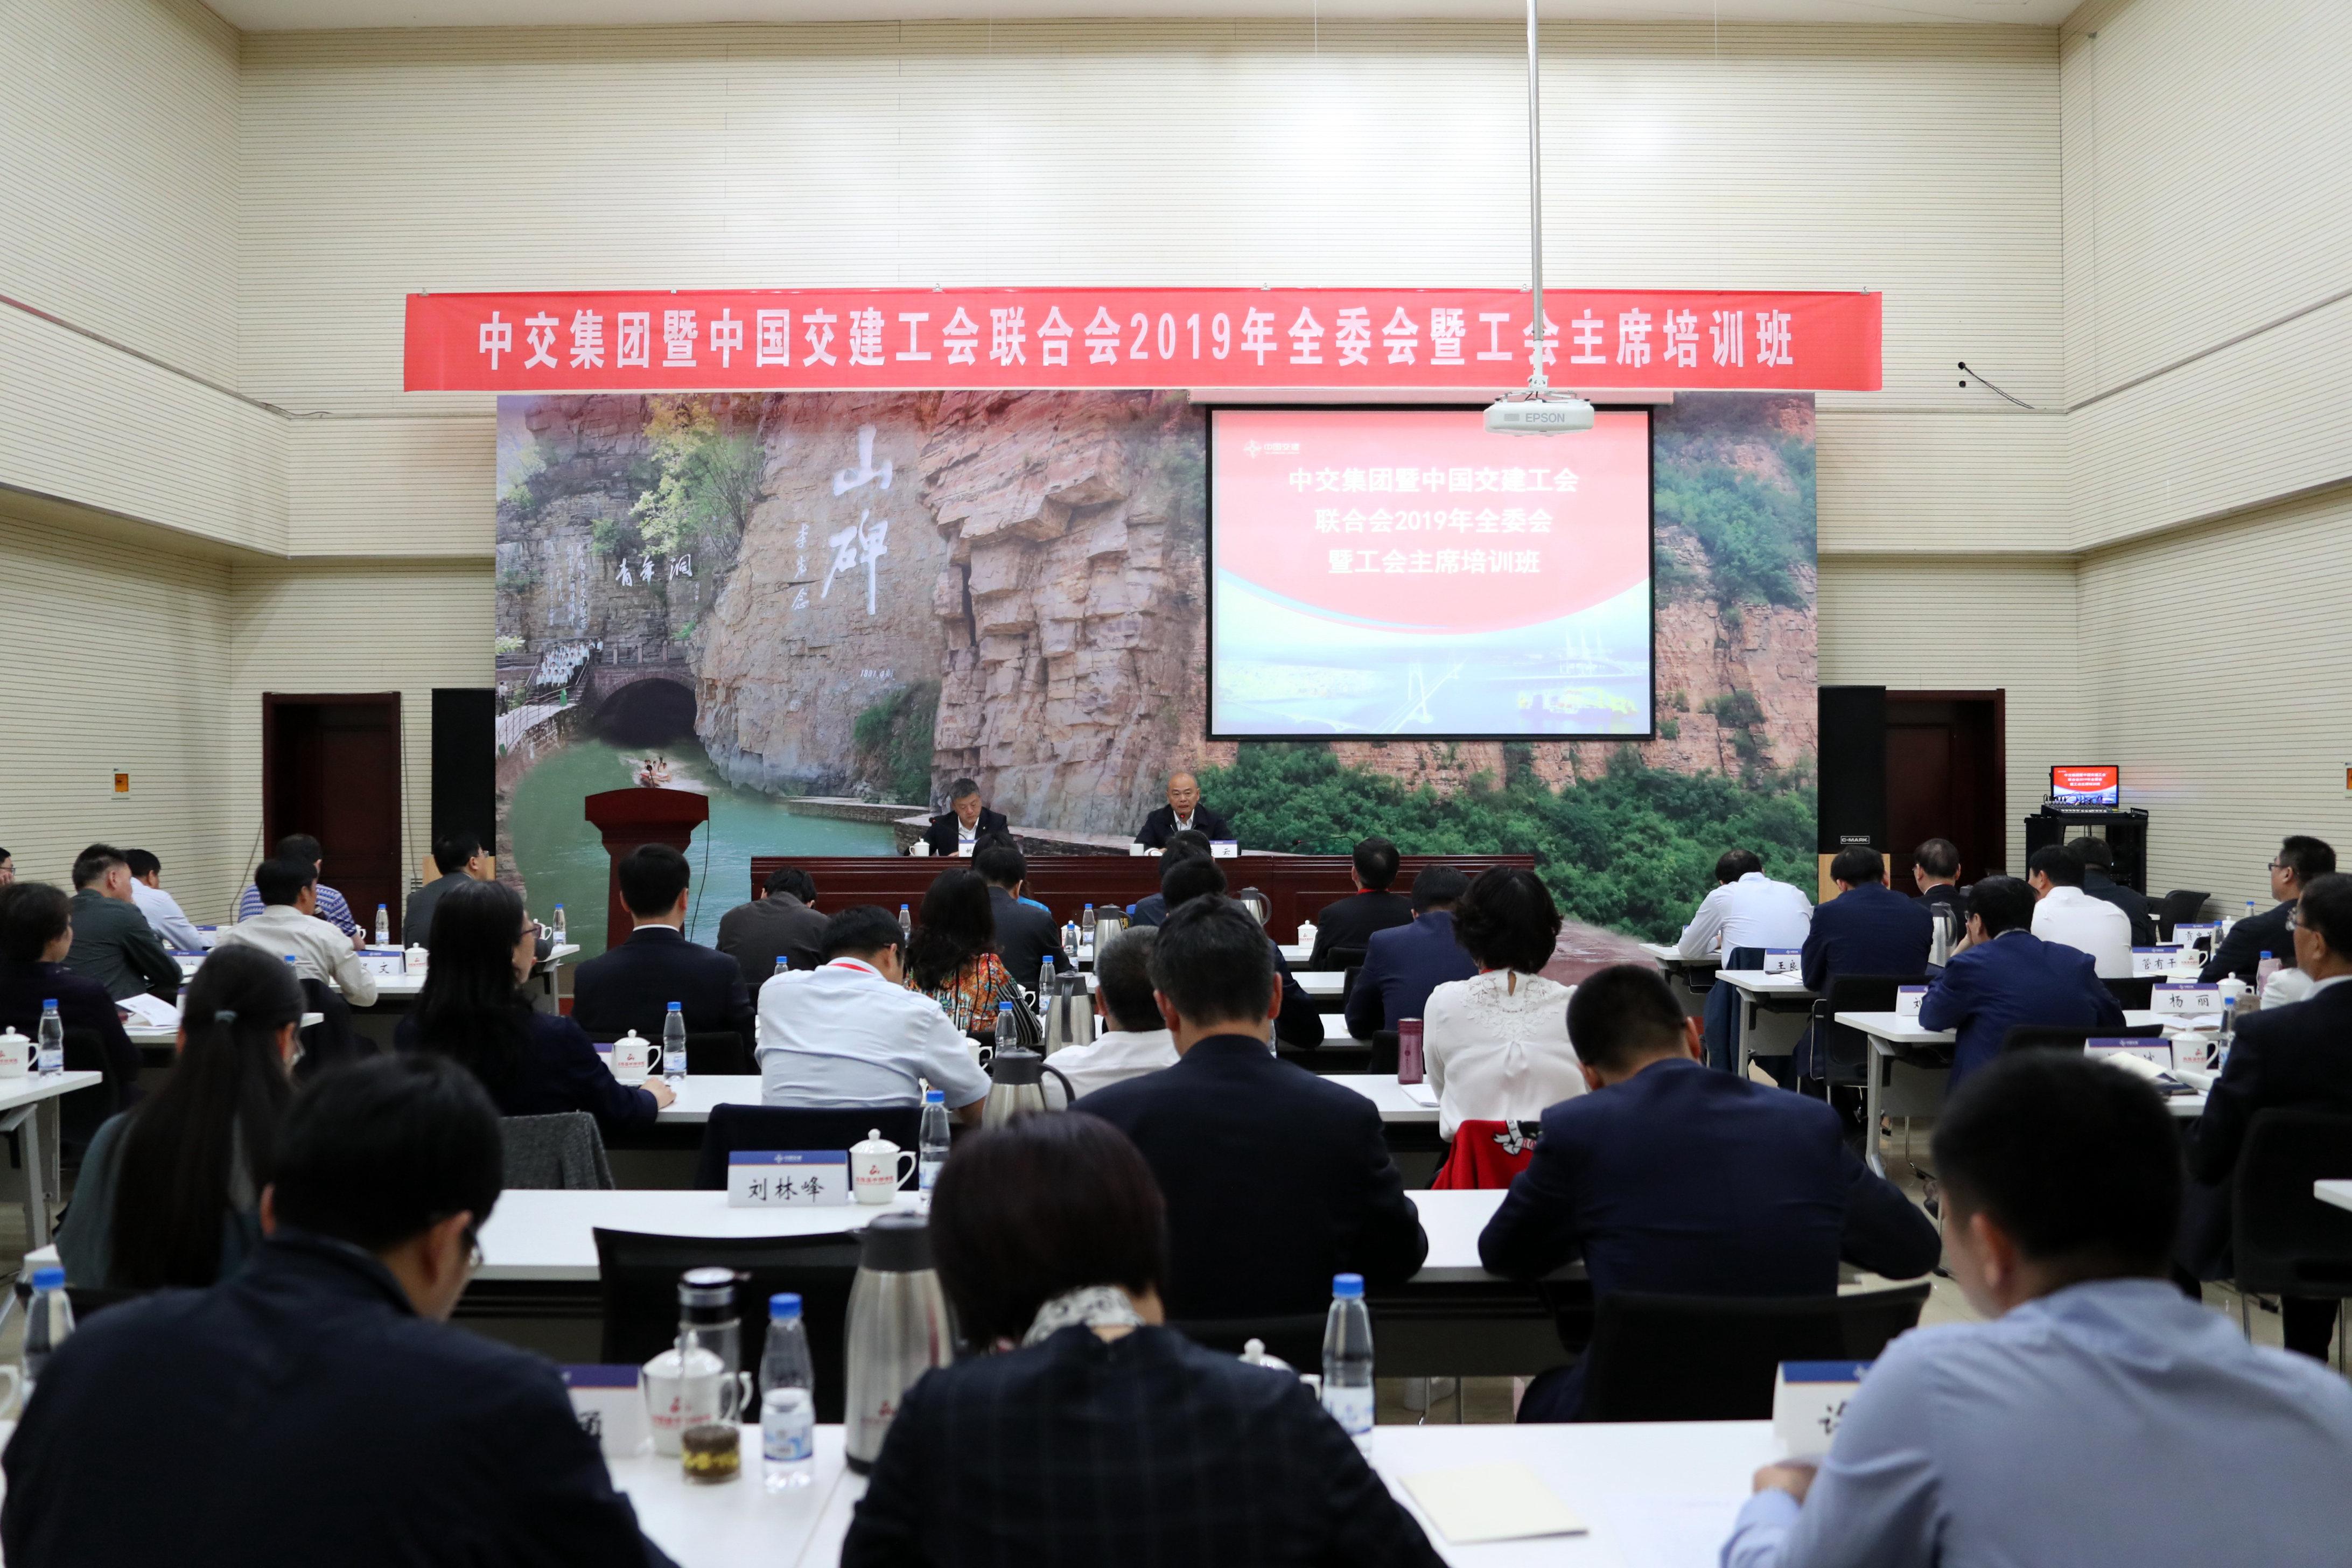 中交集团:公司召开工会联合会2019年全委会暨工会主席培训班